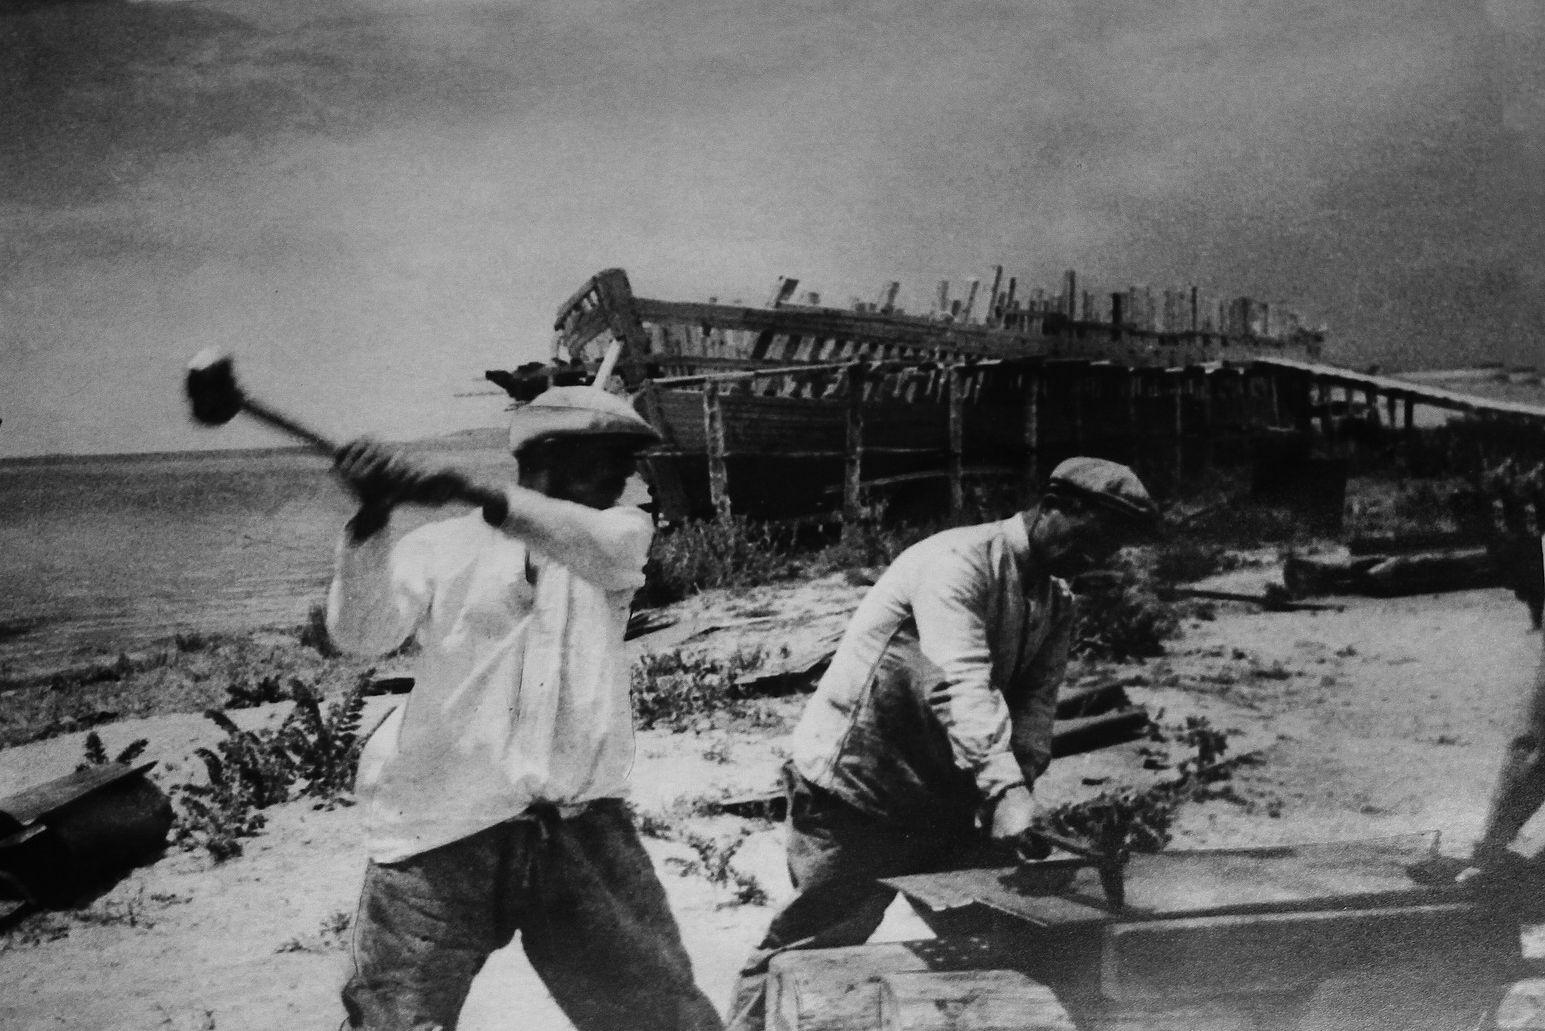 Travailleurs Issyk-Koul Compagnie de navigation Fret Kirghizstan Lac URSS